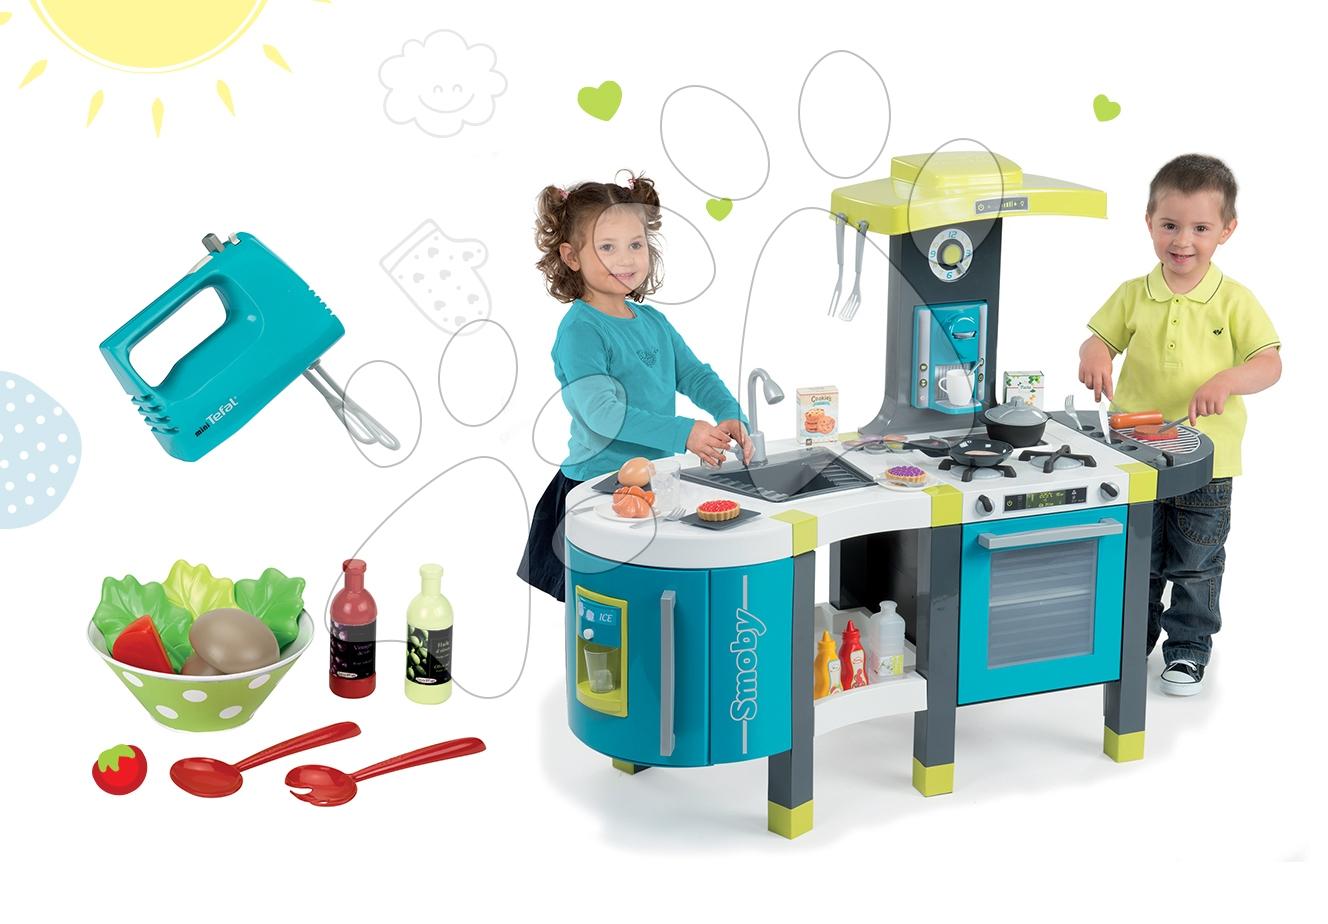 Set dětská kuchyňka Tefal French Touch Smoby s ledem a kávovarem, ruční mixér Tefal a miska se salátem